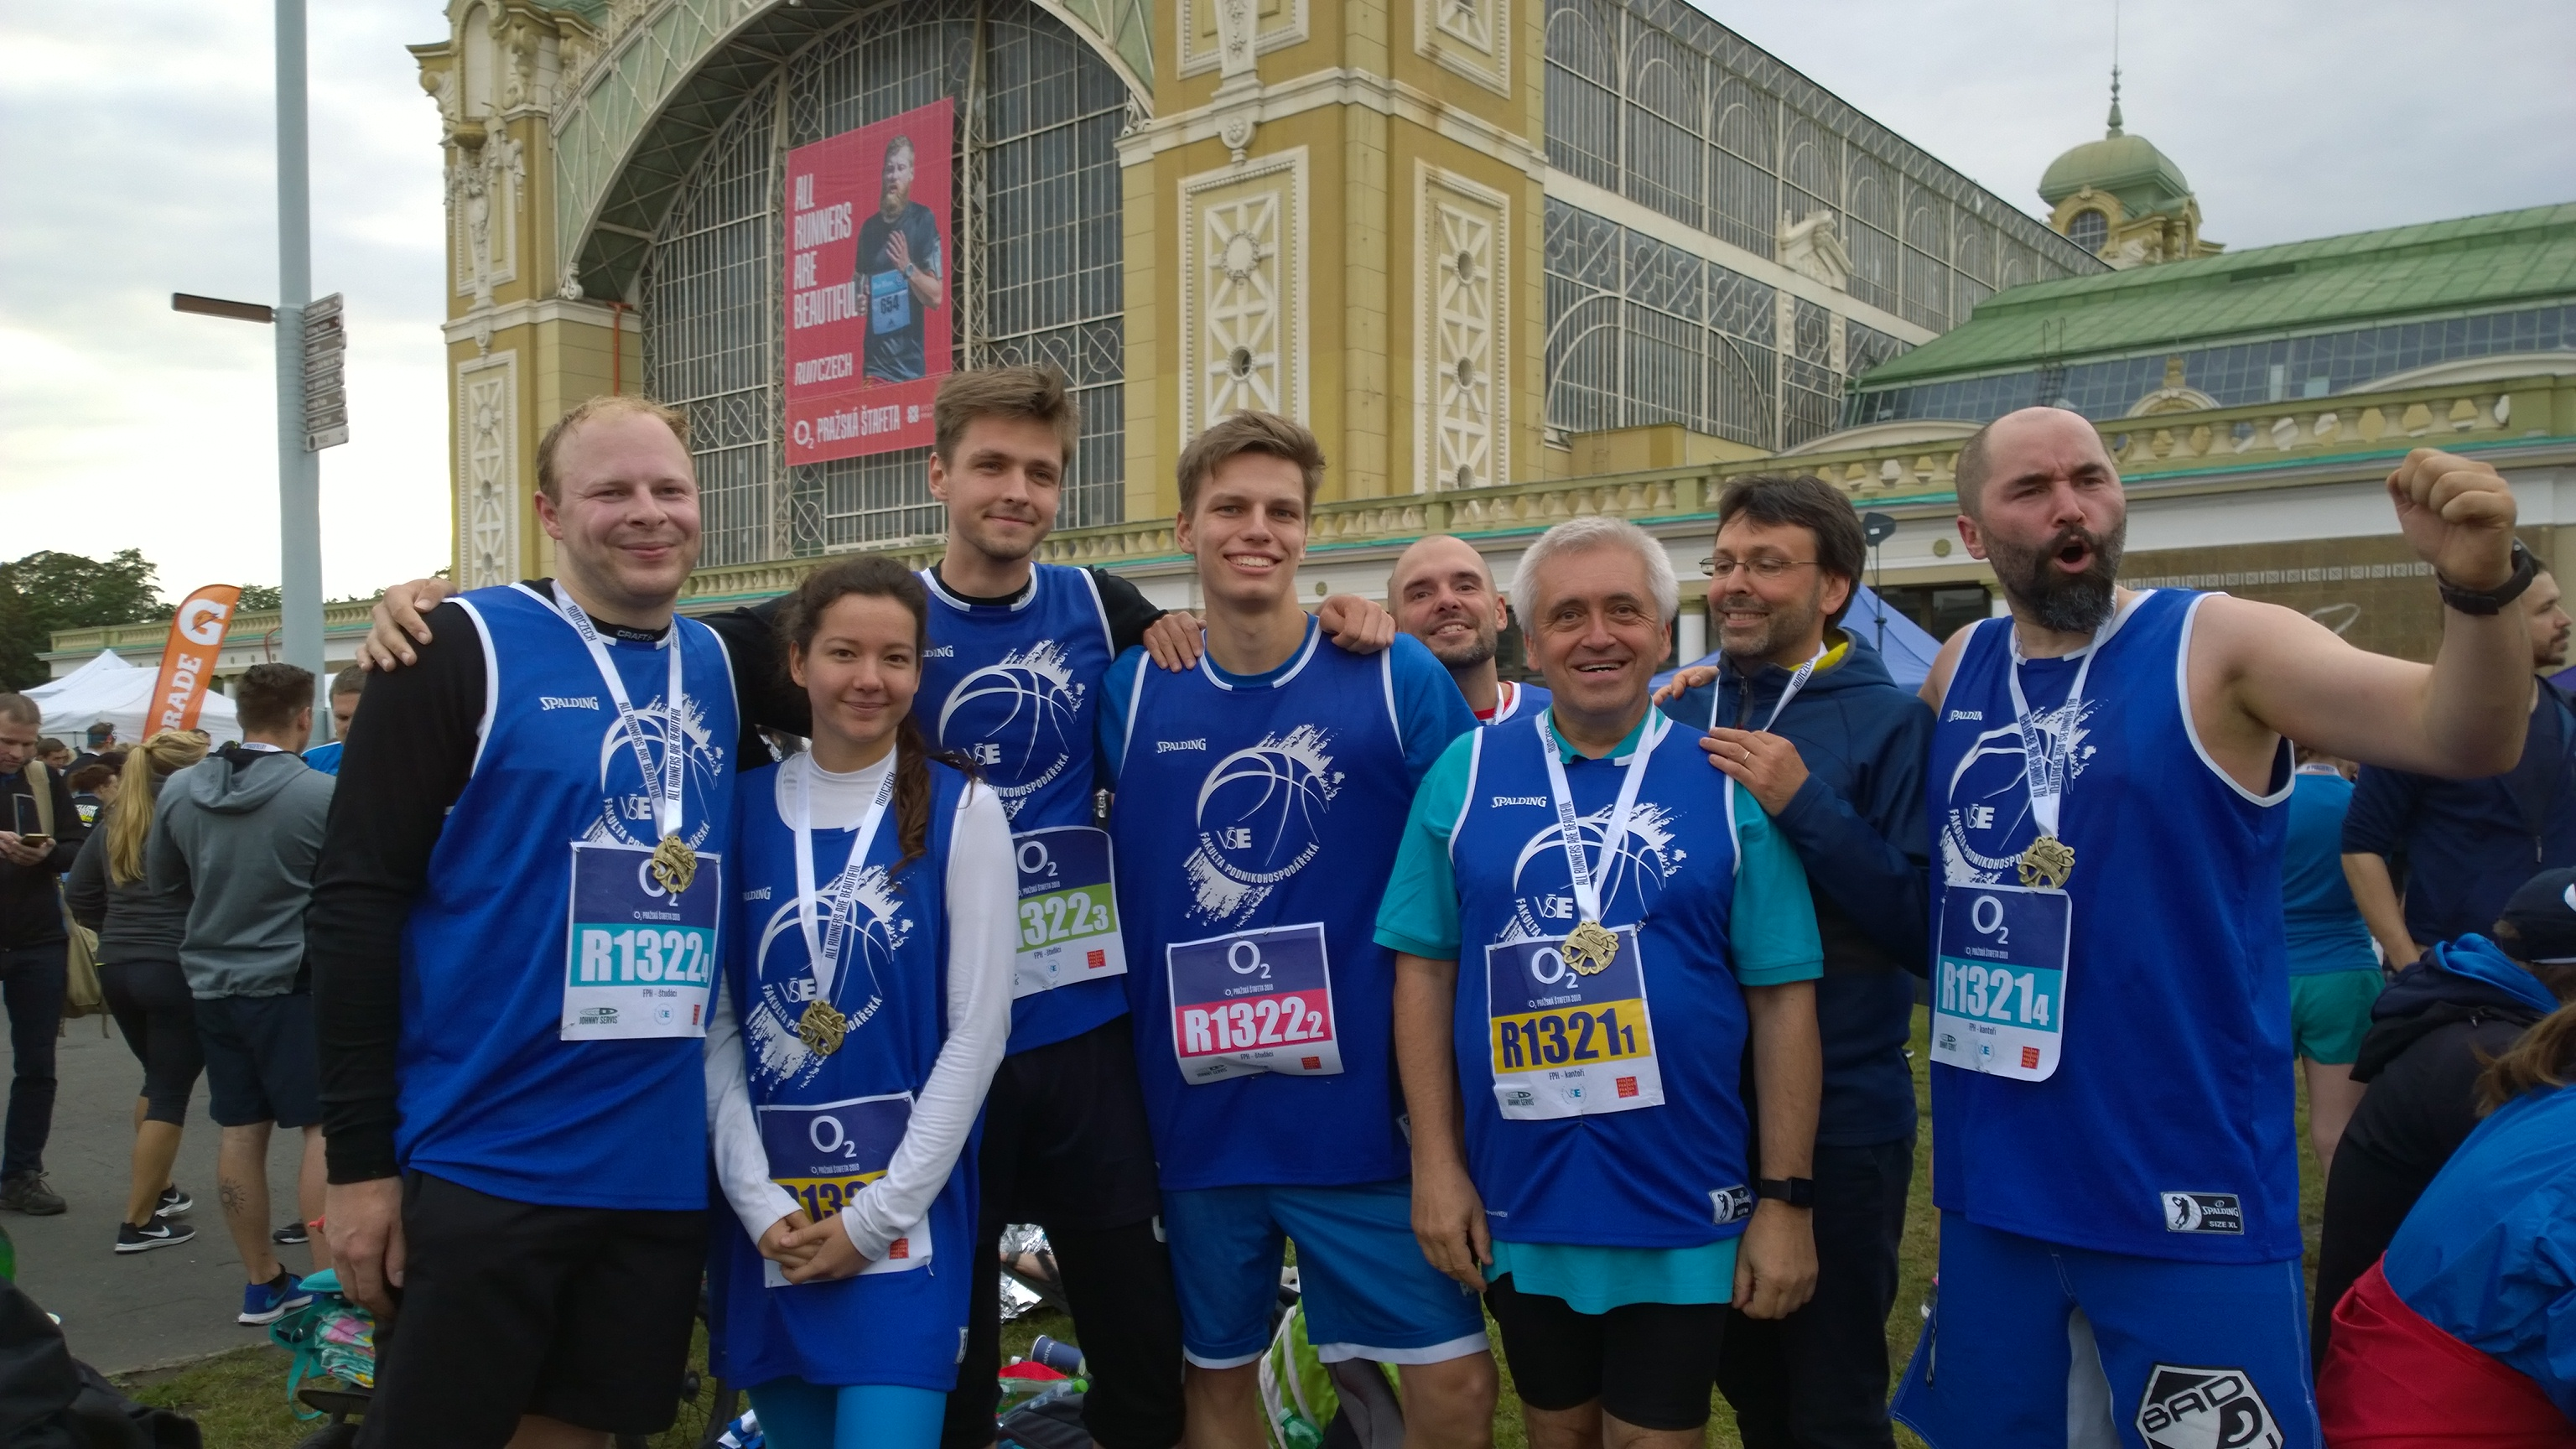 Akademičtí pracovníci a studenti reprezentovali poprvé svou fakultu na Run Czech O2 Pražskéštafetě 2018